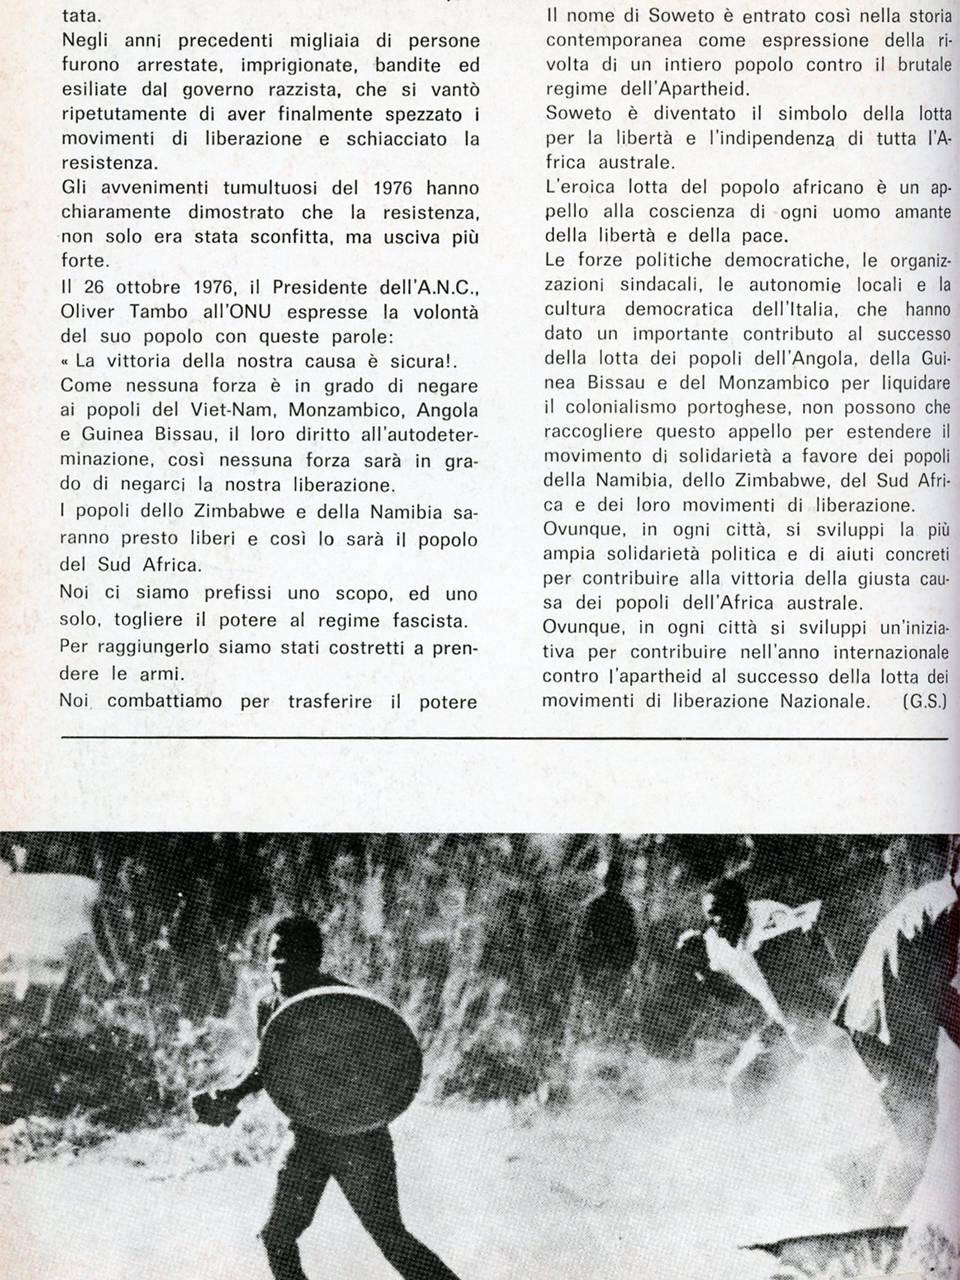 sechaba 1 giugno 78